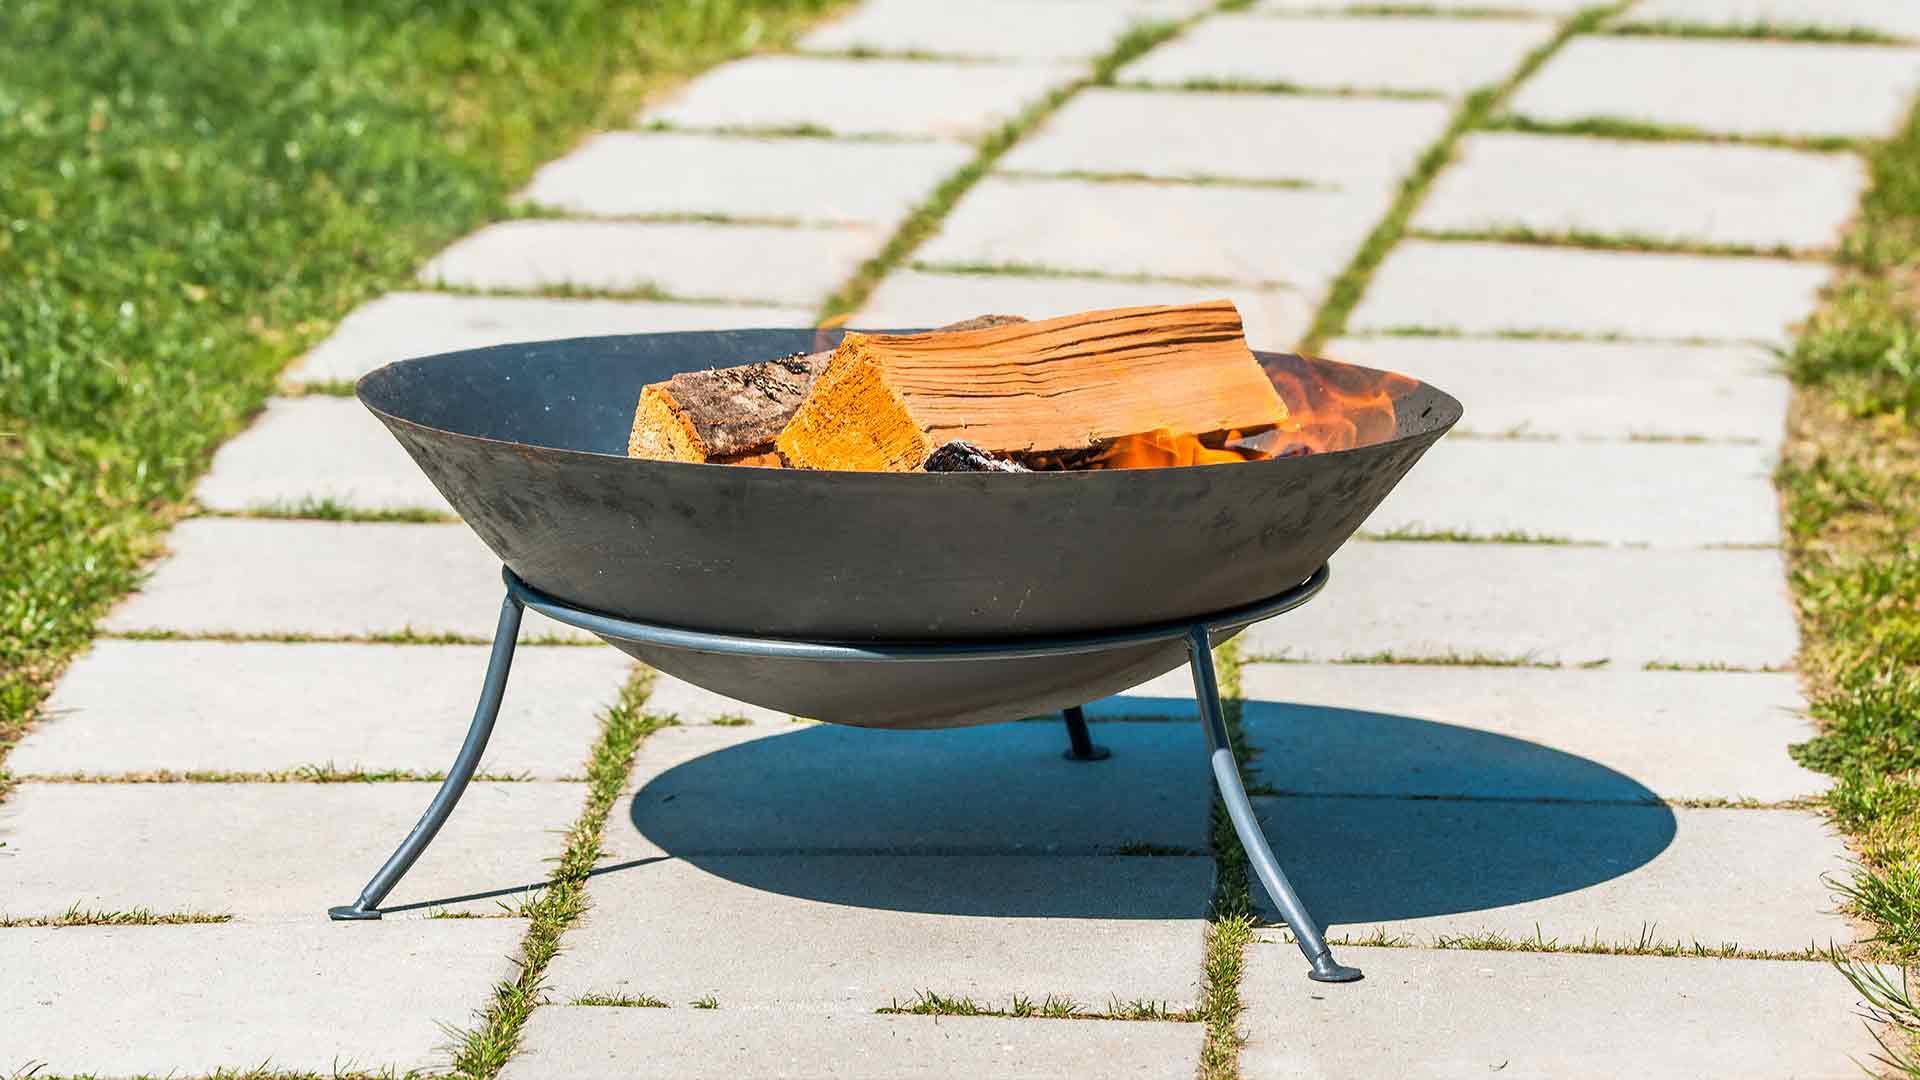 Feuer Im Garten Machen Was Ist Erlaubt Welche Möglichkeiten Gibt Es